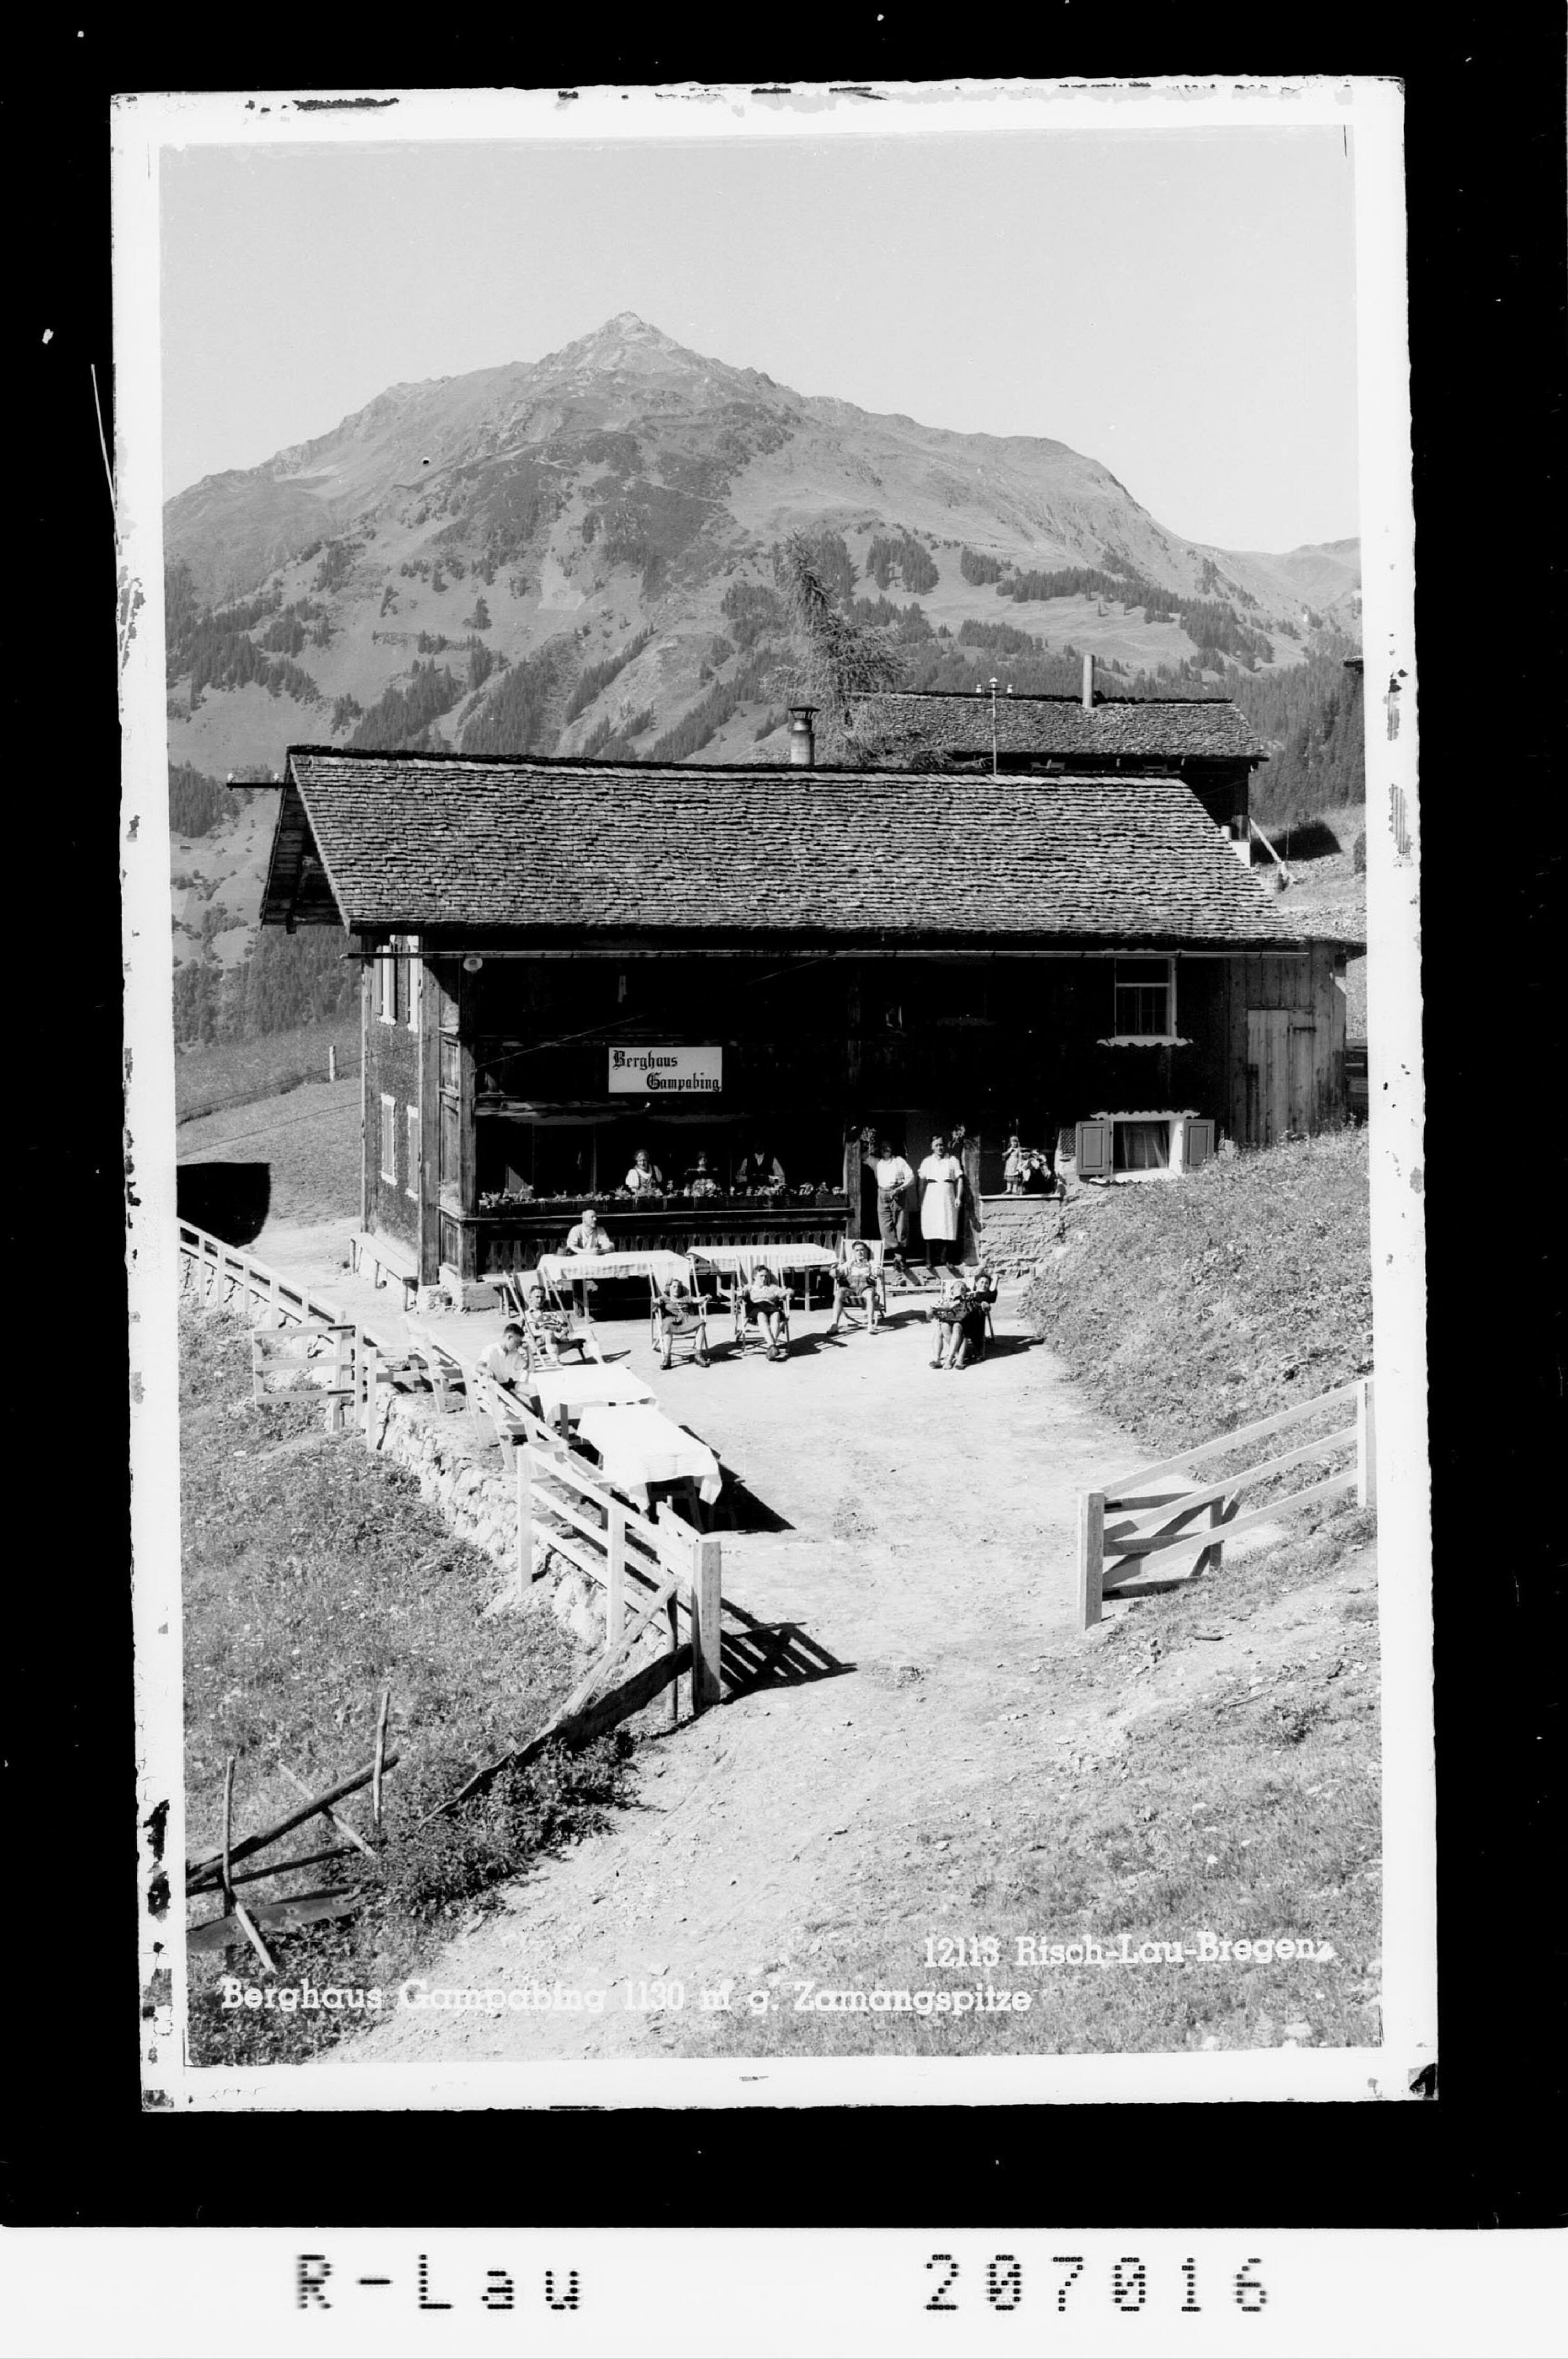 Berghaus Gampabing 1130 m gegen Zamangspitze von Risch-Lau